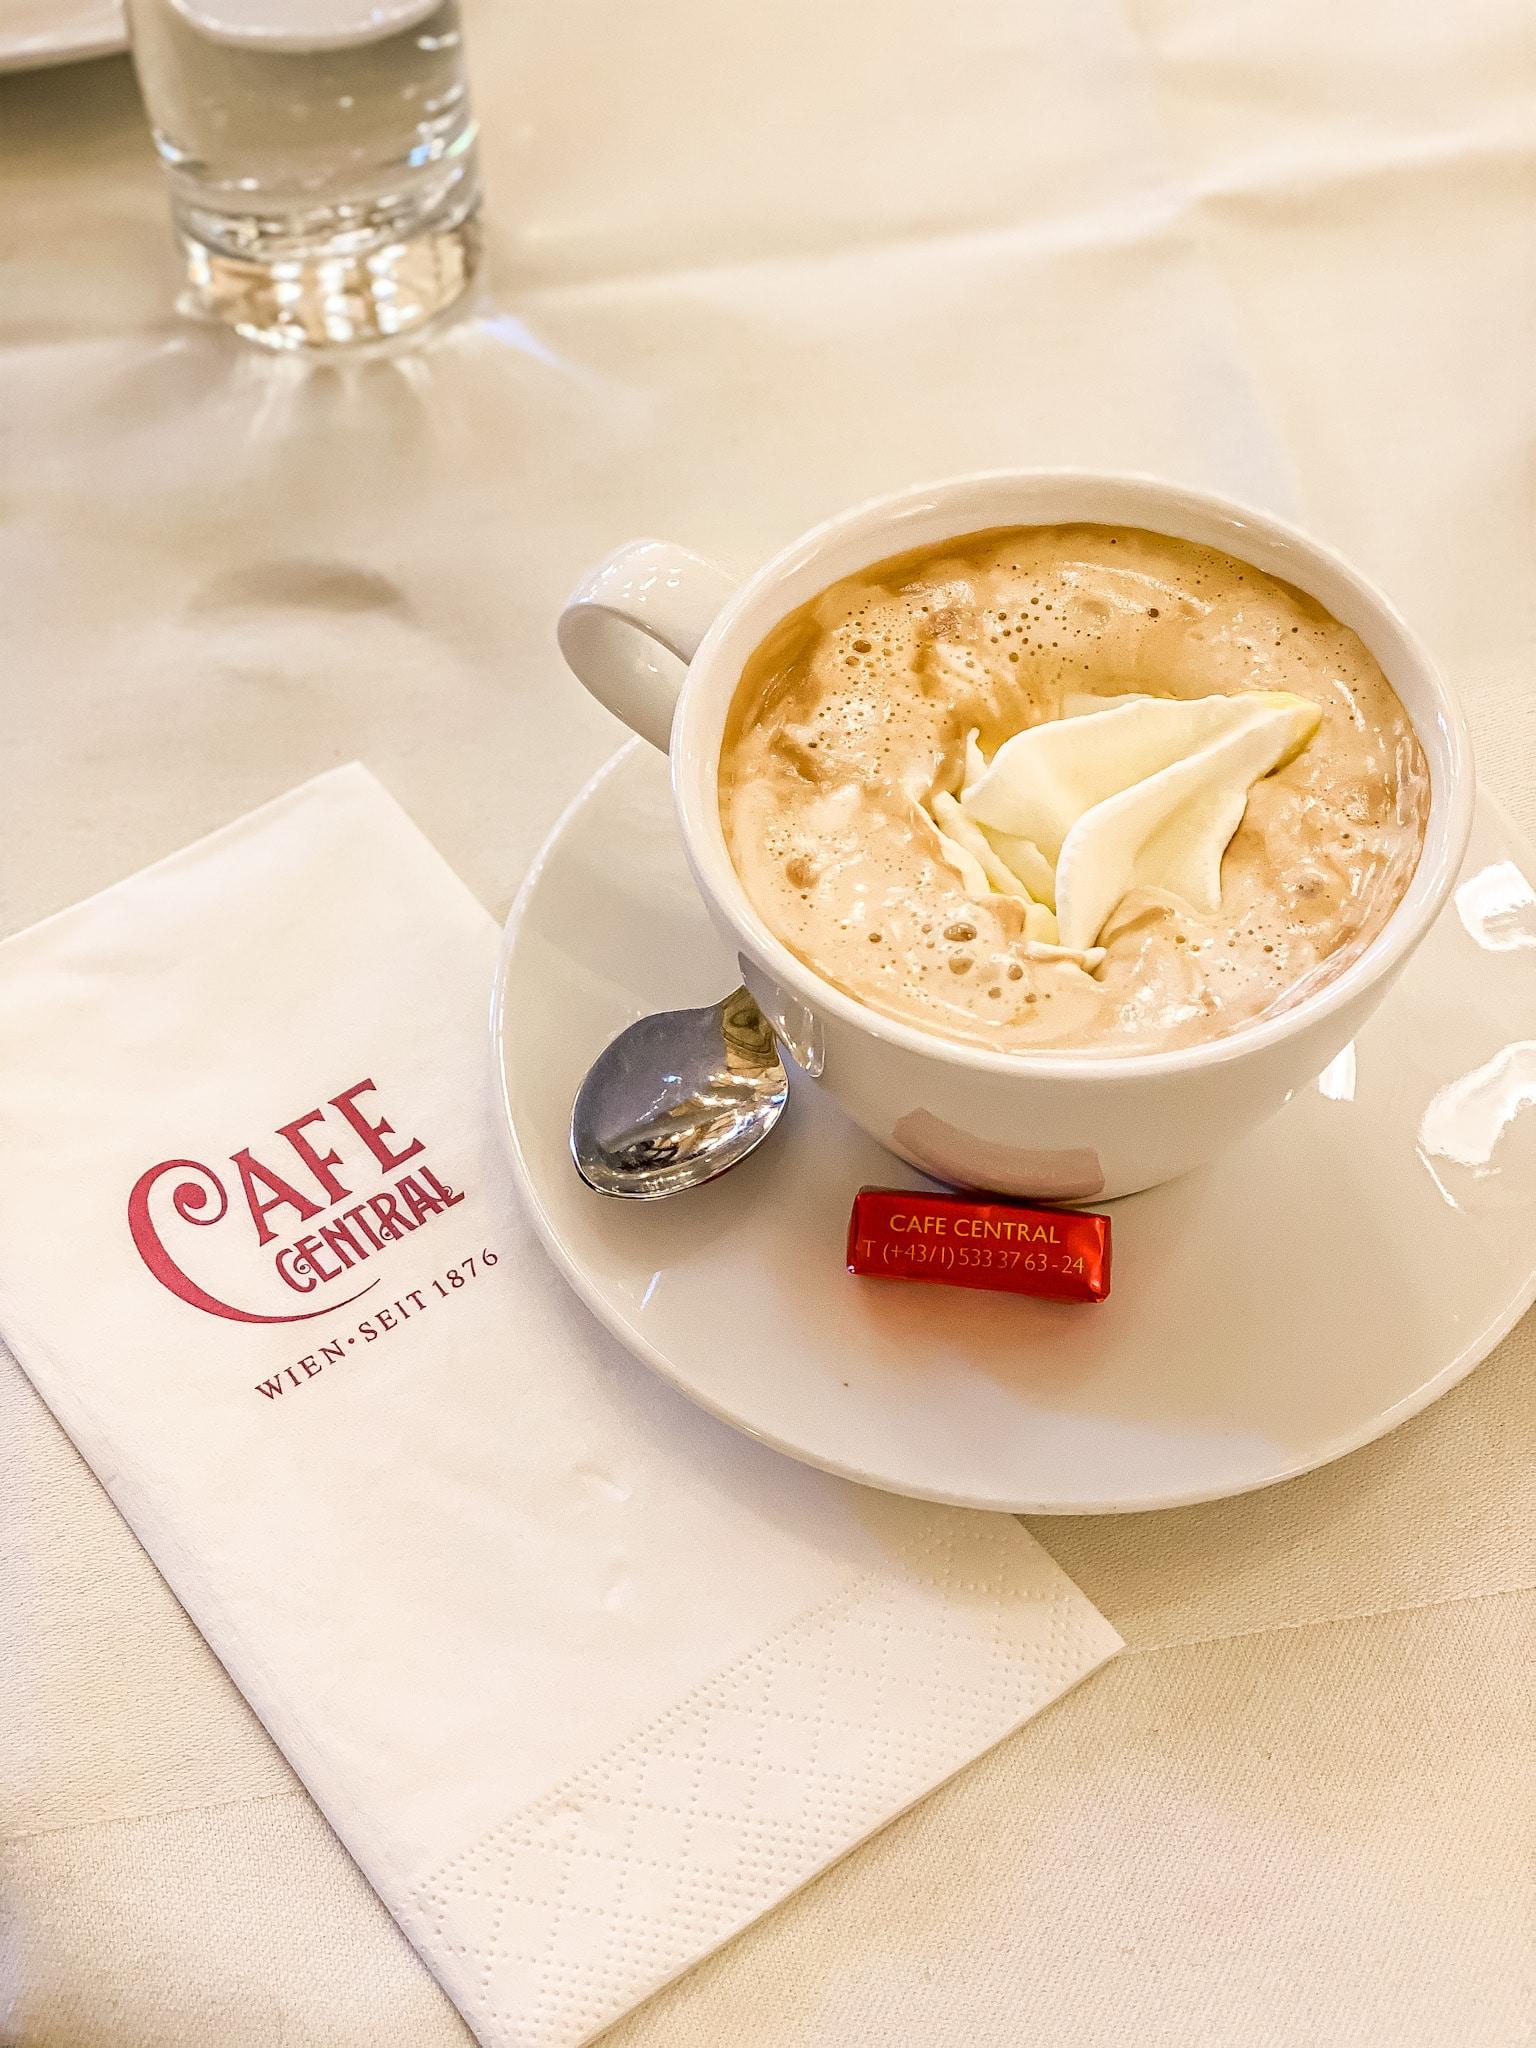 Cafe Central in Vienna, Austria.